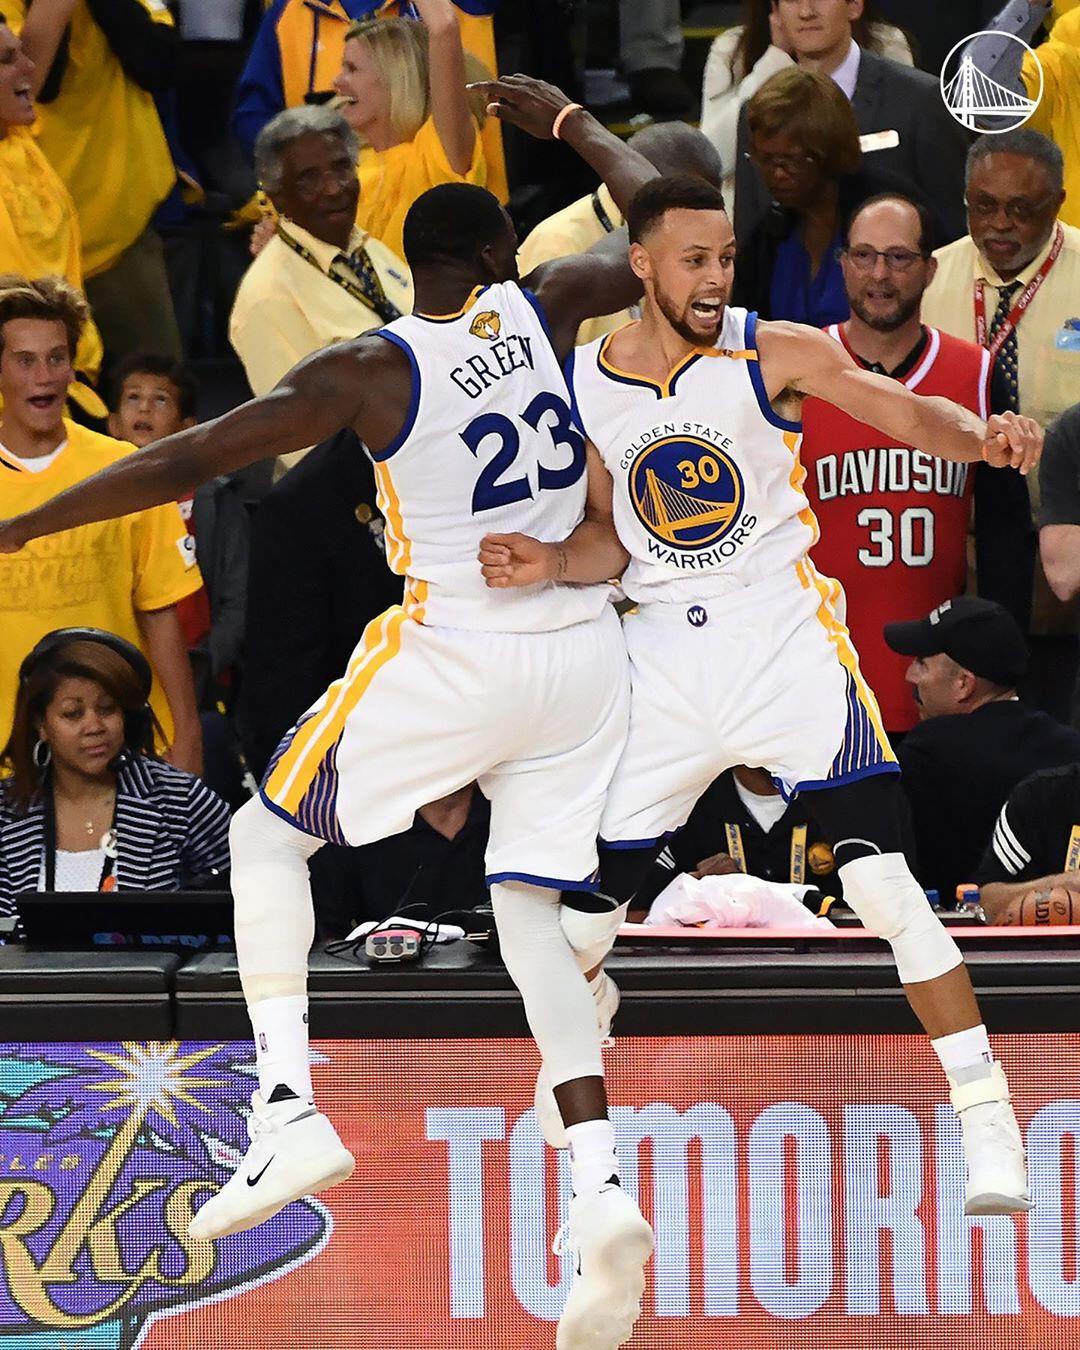 Без восьми команд, с мини-турниром за место в плей-офф. Как будут доигрывать чемпионат НБА?